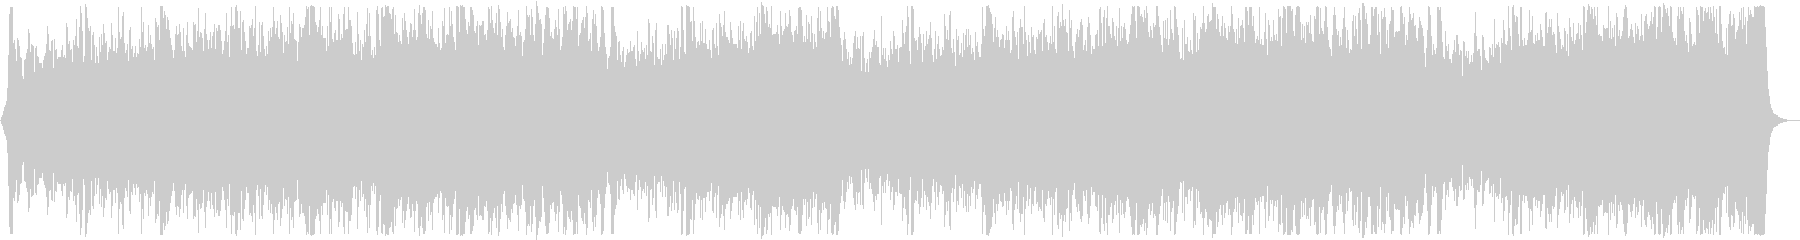 和風・和楽器・忍者エピック:フル2回の未再生の波形